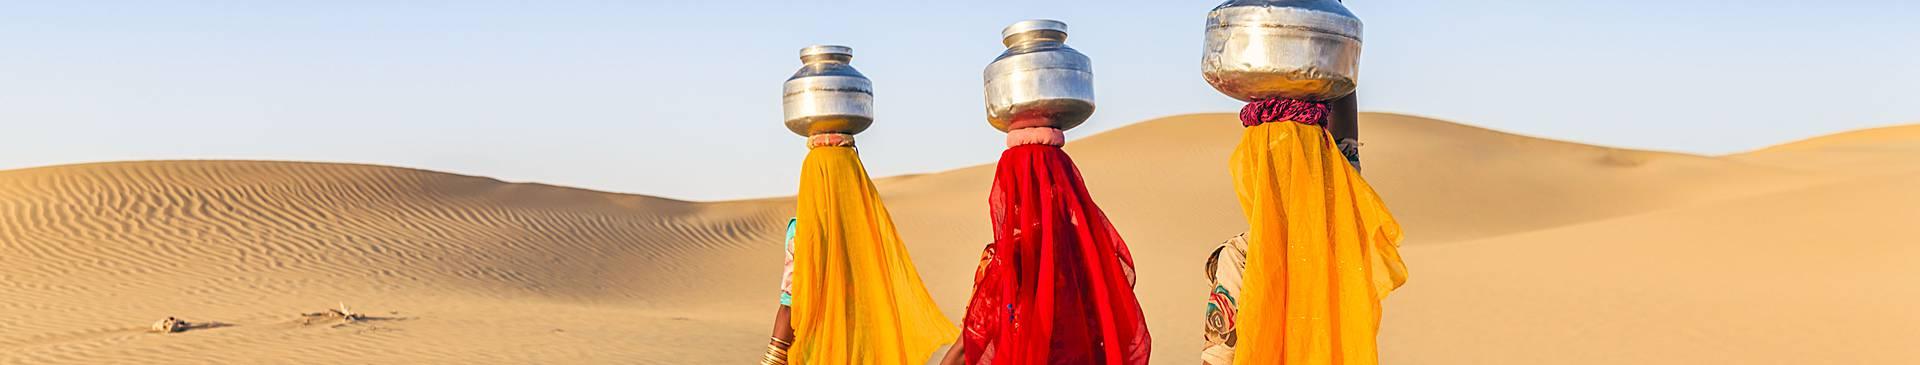 Viaggi nel deserto in India